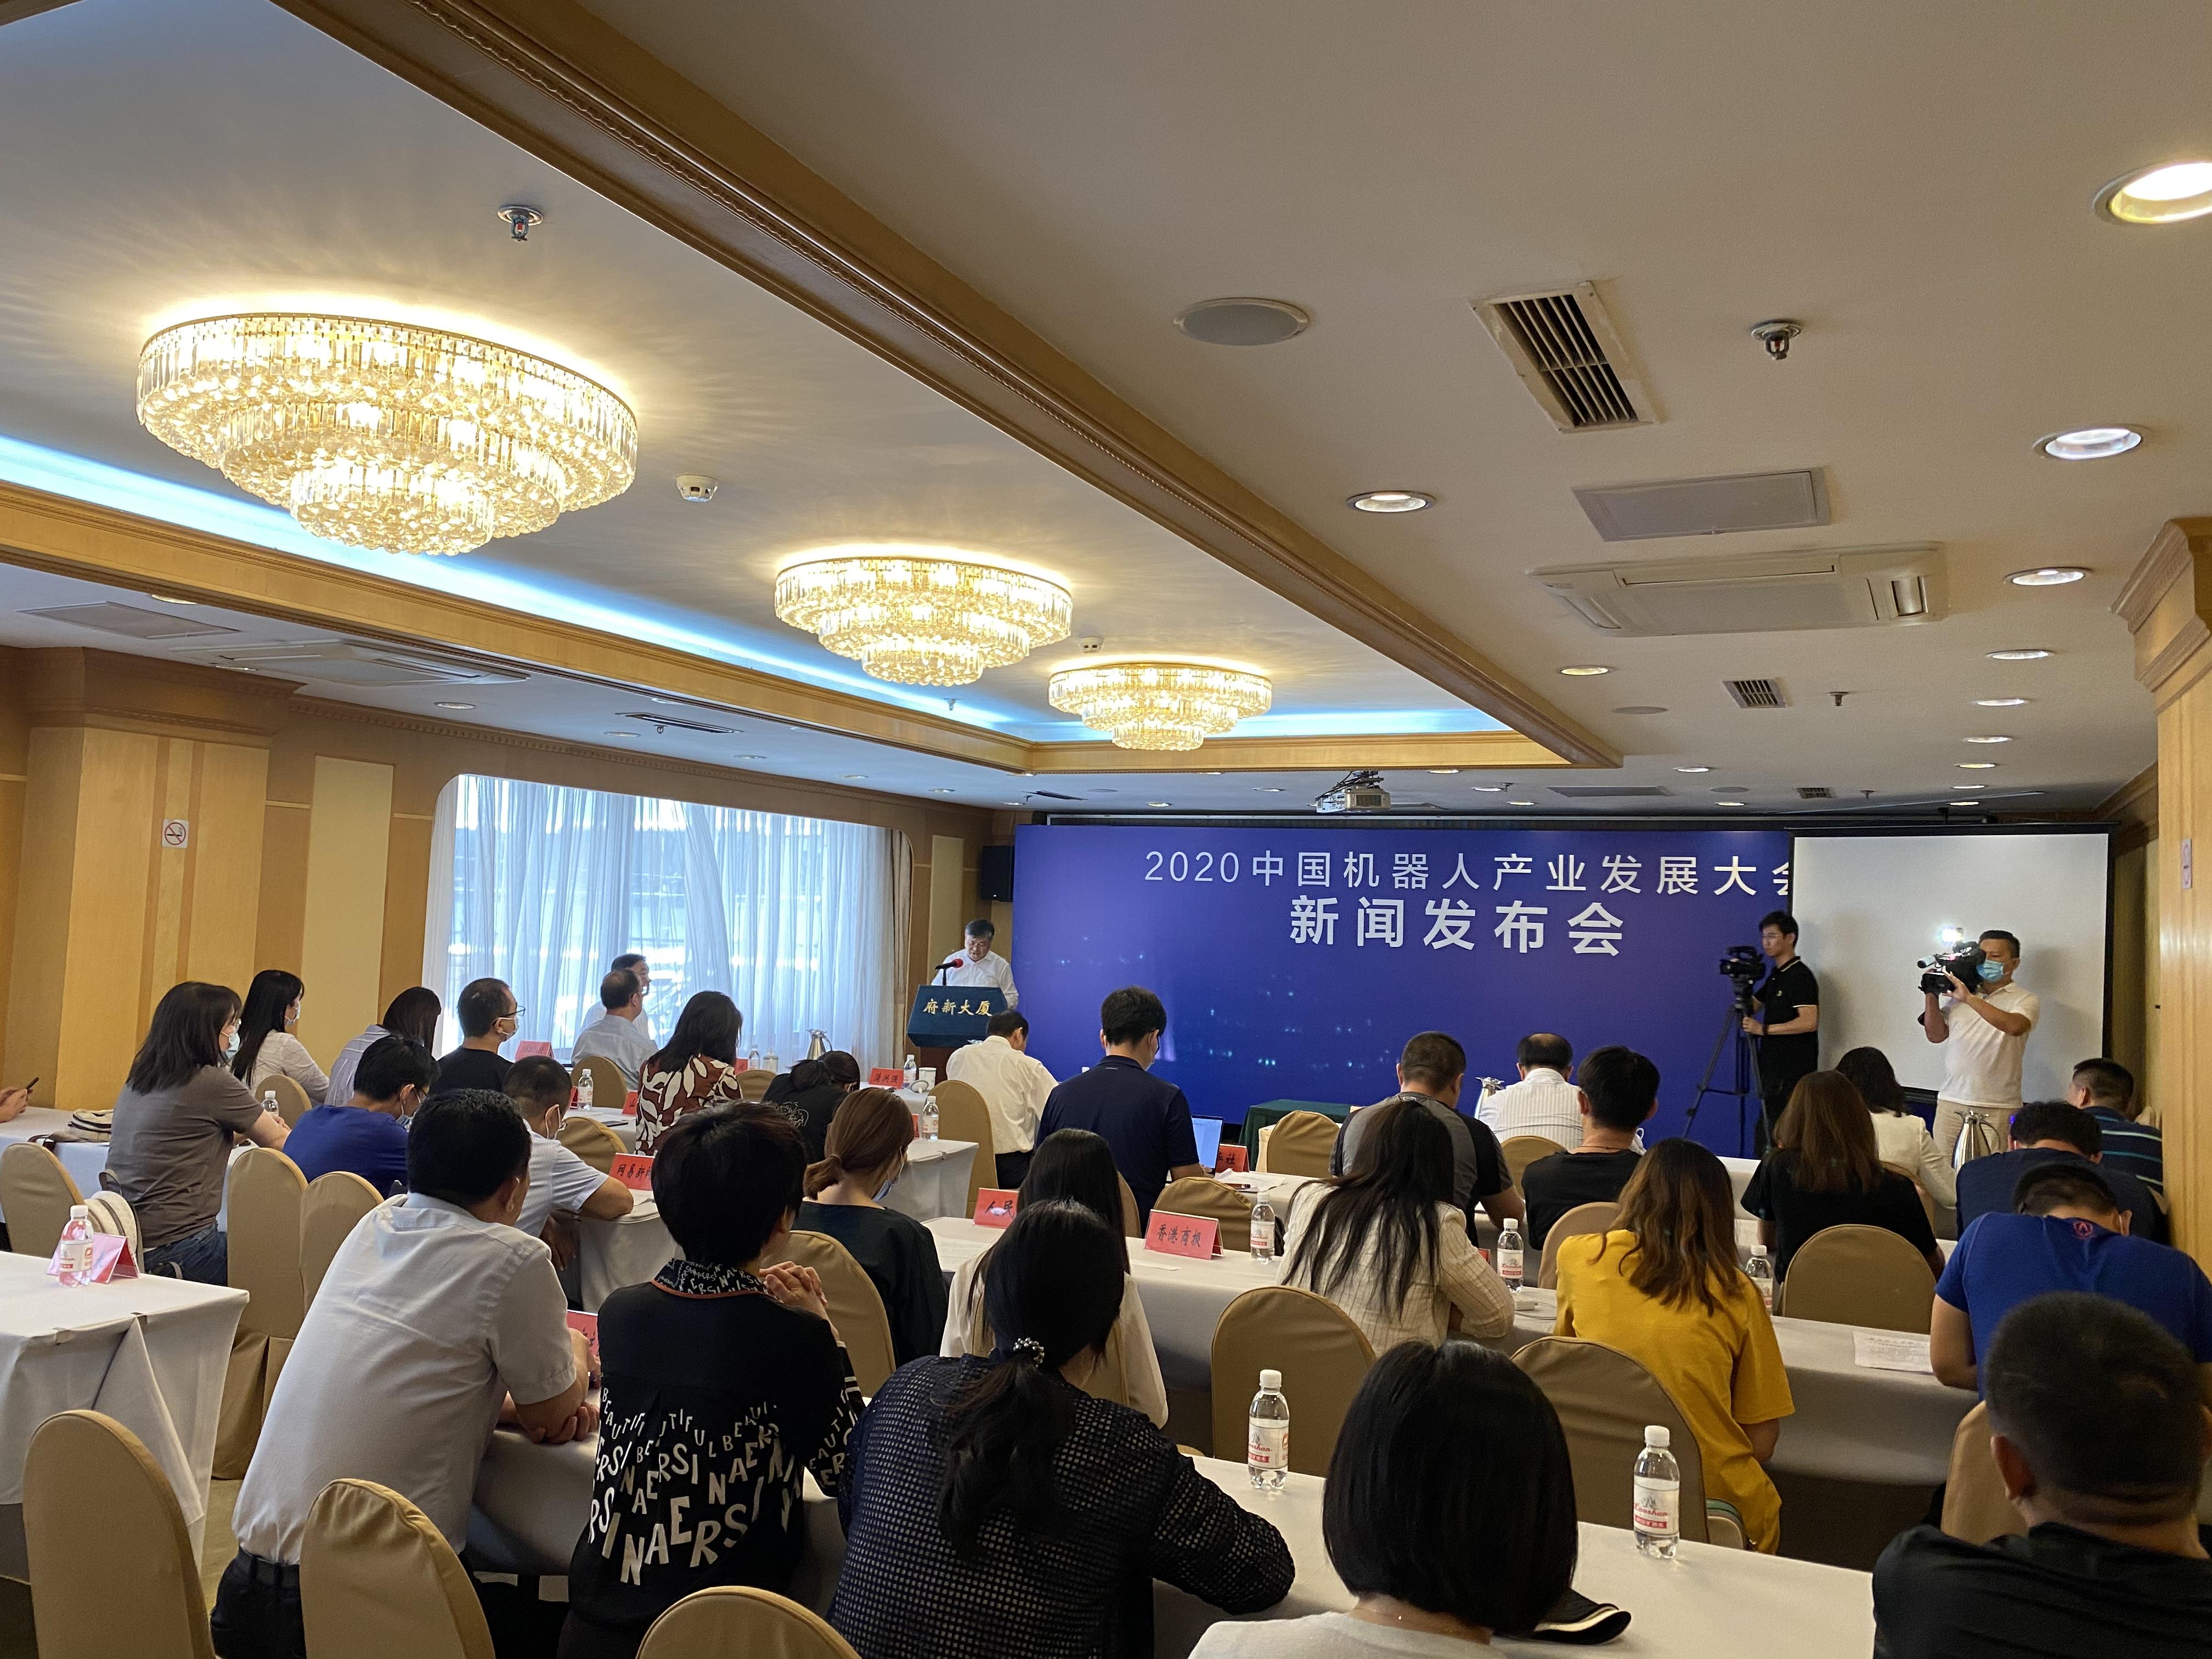 2020中国机器人产业发展大会即将在青岛召开